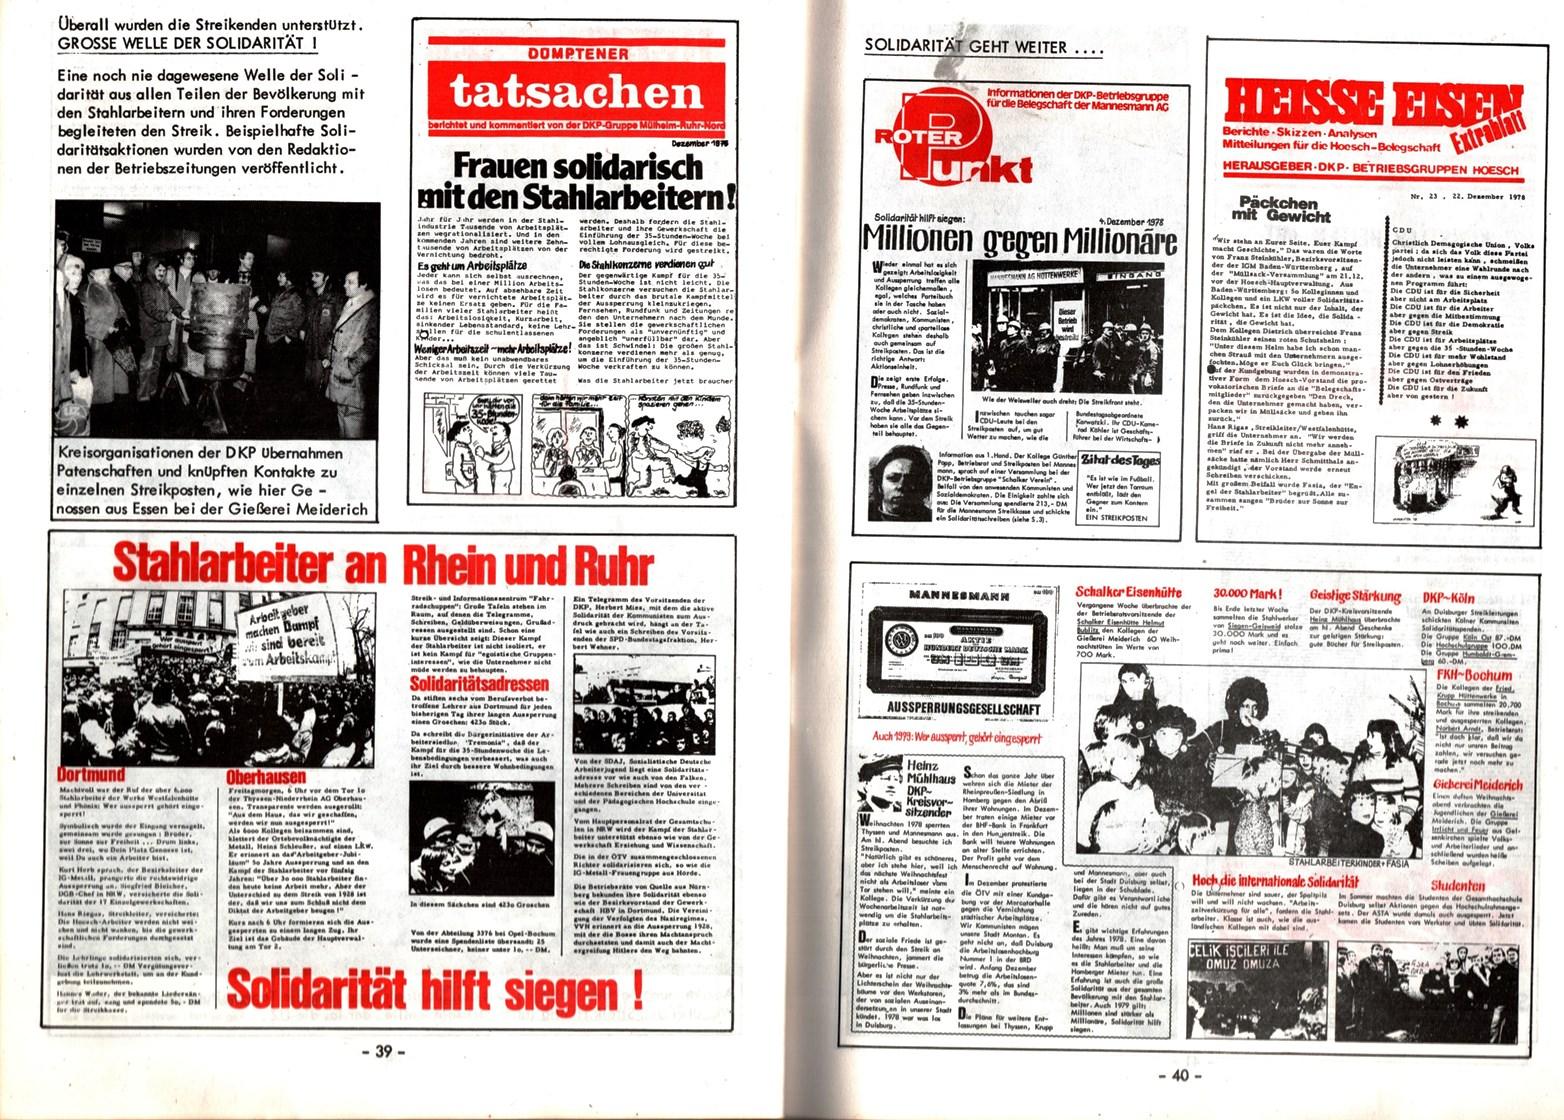 NRW_DKP_Stahlarbeiterstreik_1978_1979_021